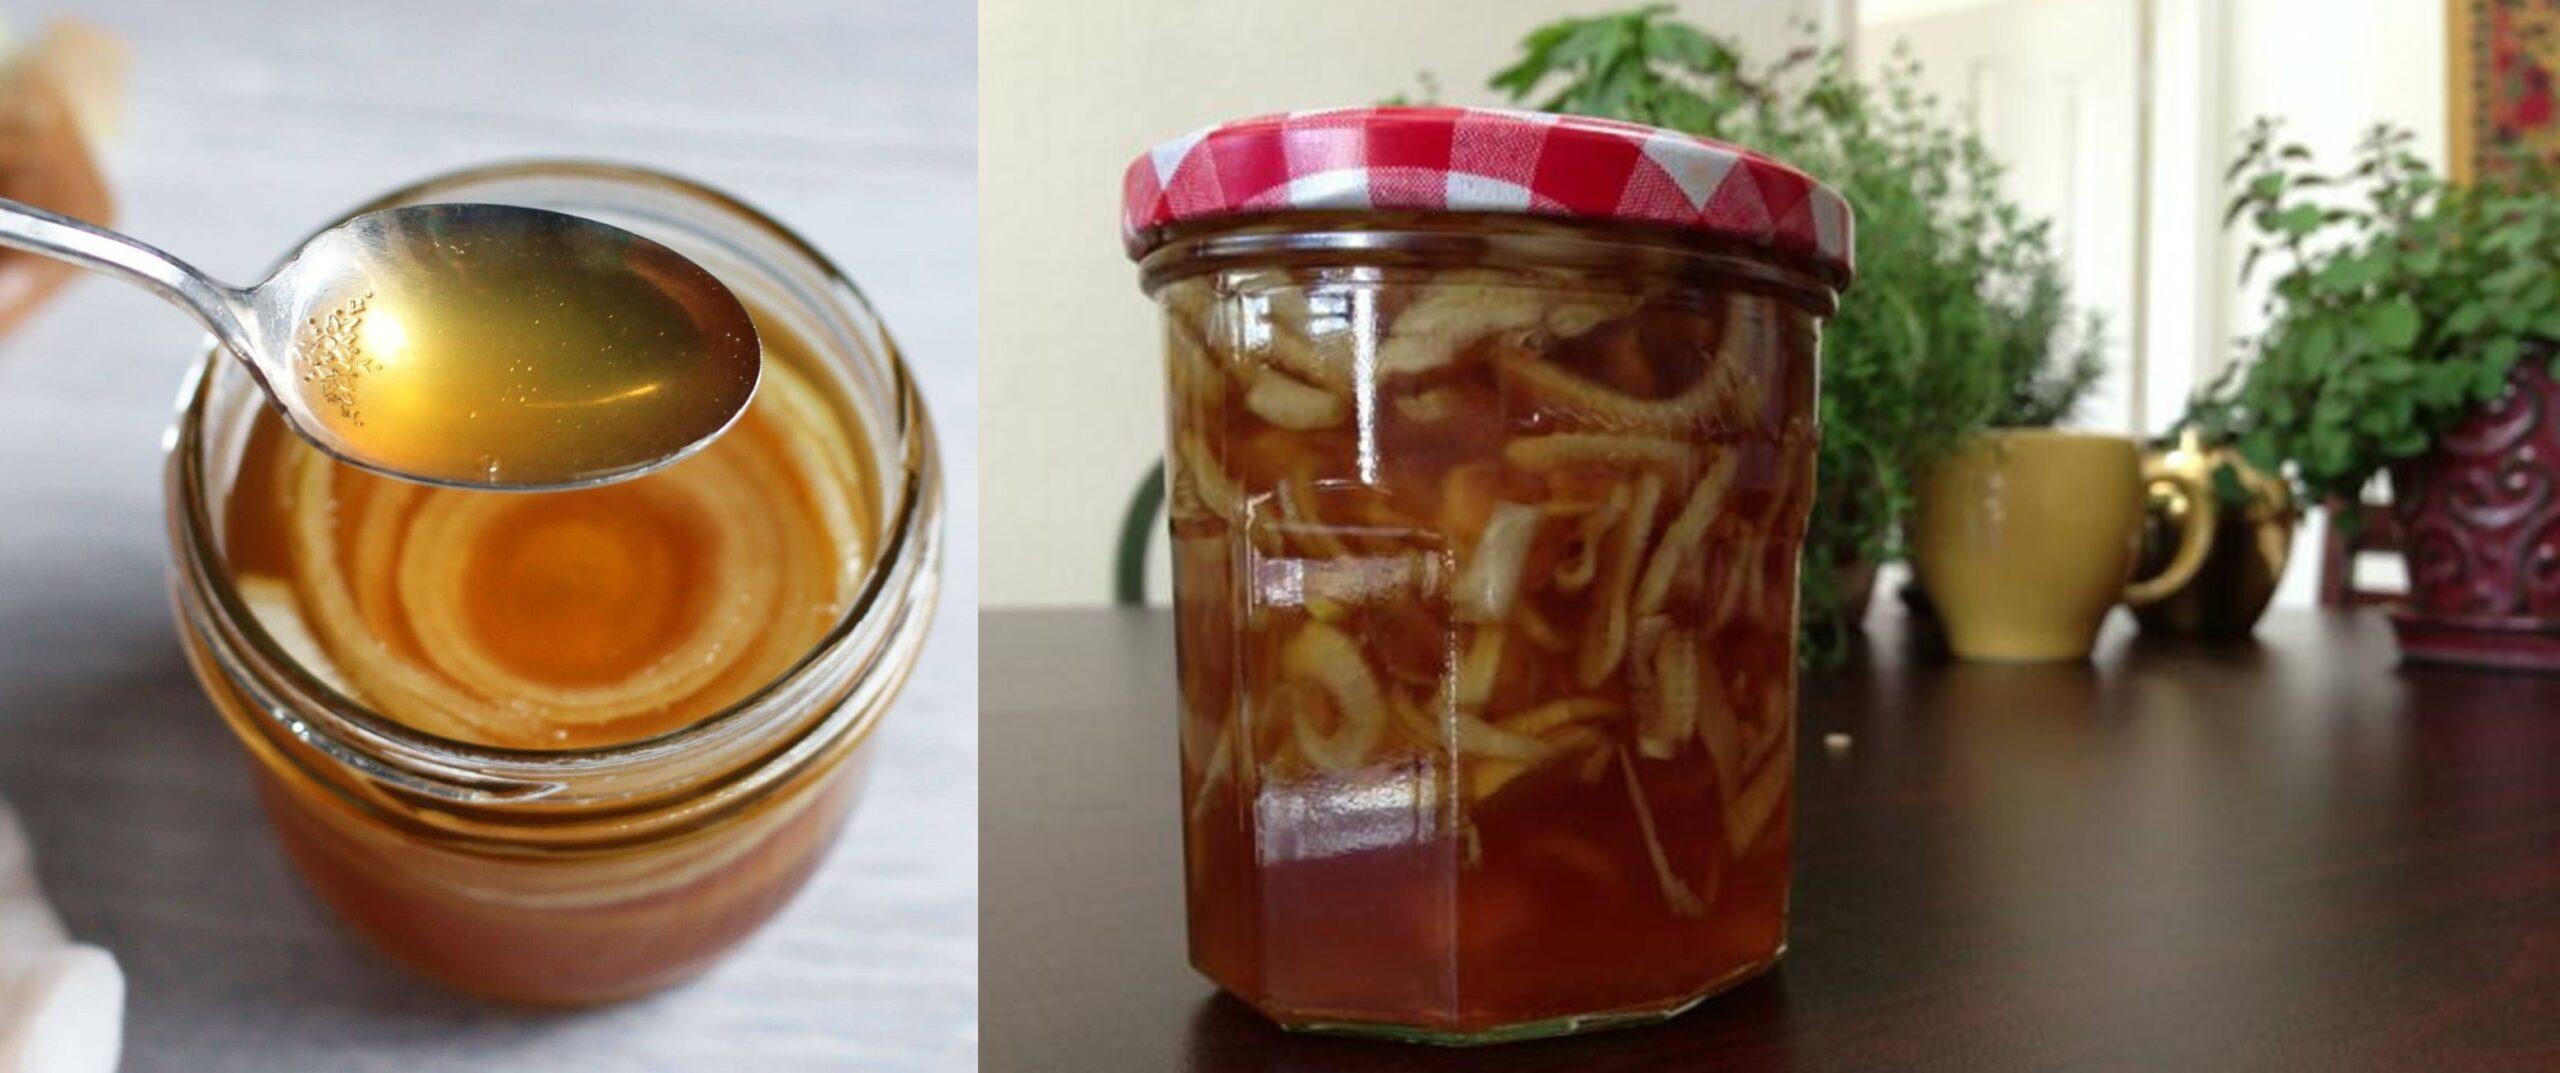 Sirop de ceapă, usturoi și miere de albine – întărește imunitatea și combate gripa și răceală